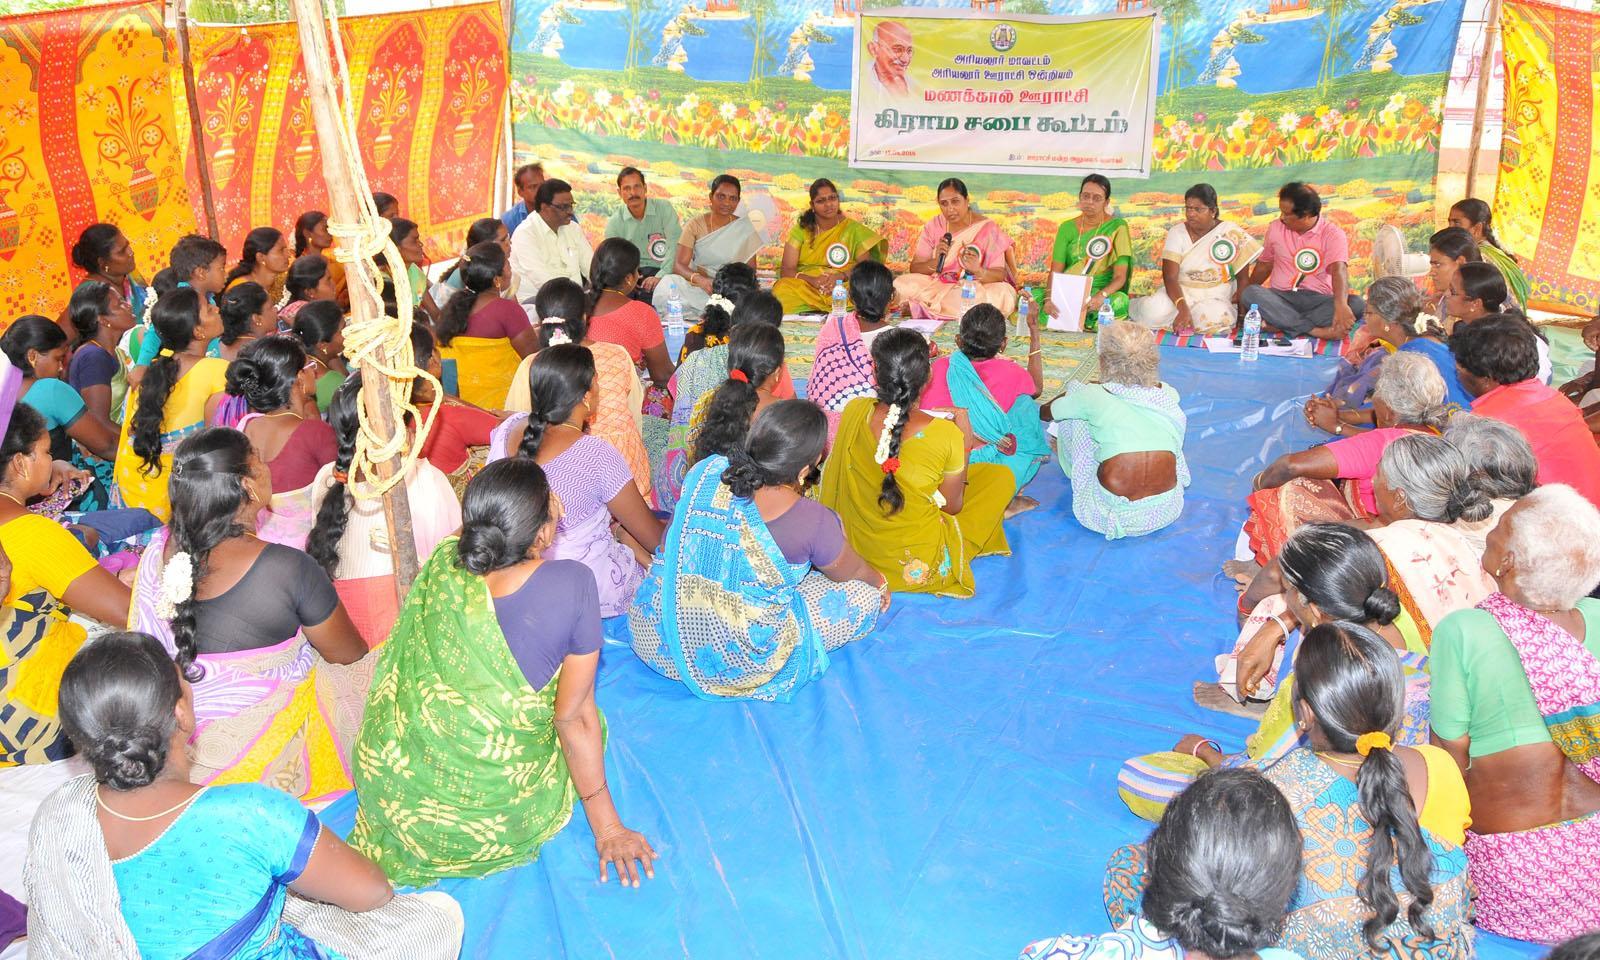 மணக்கால் கிராமத்தில் நடைபெற்ற கிராம சபை கூட்டம்